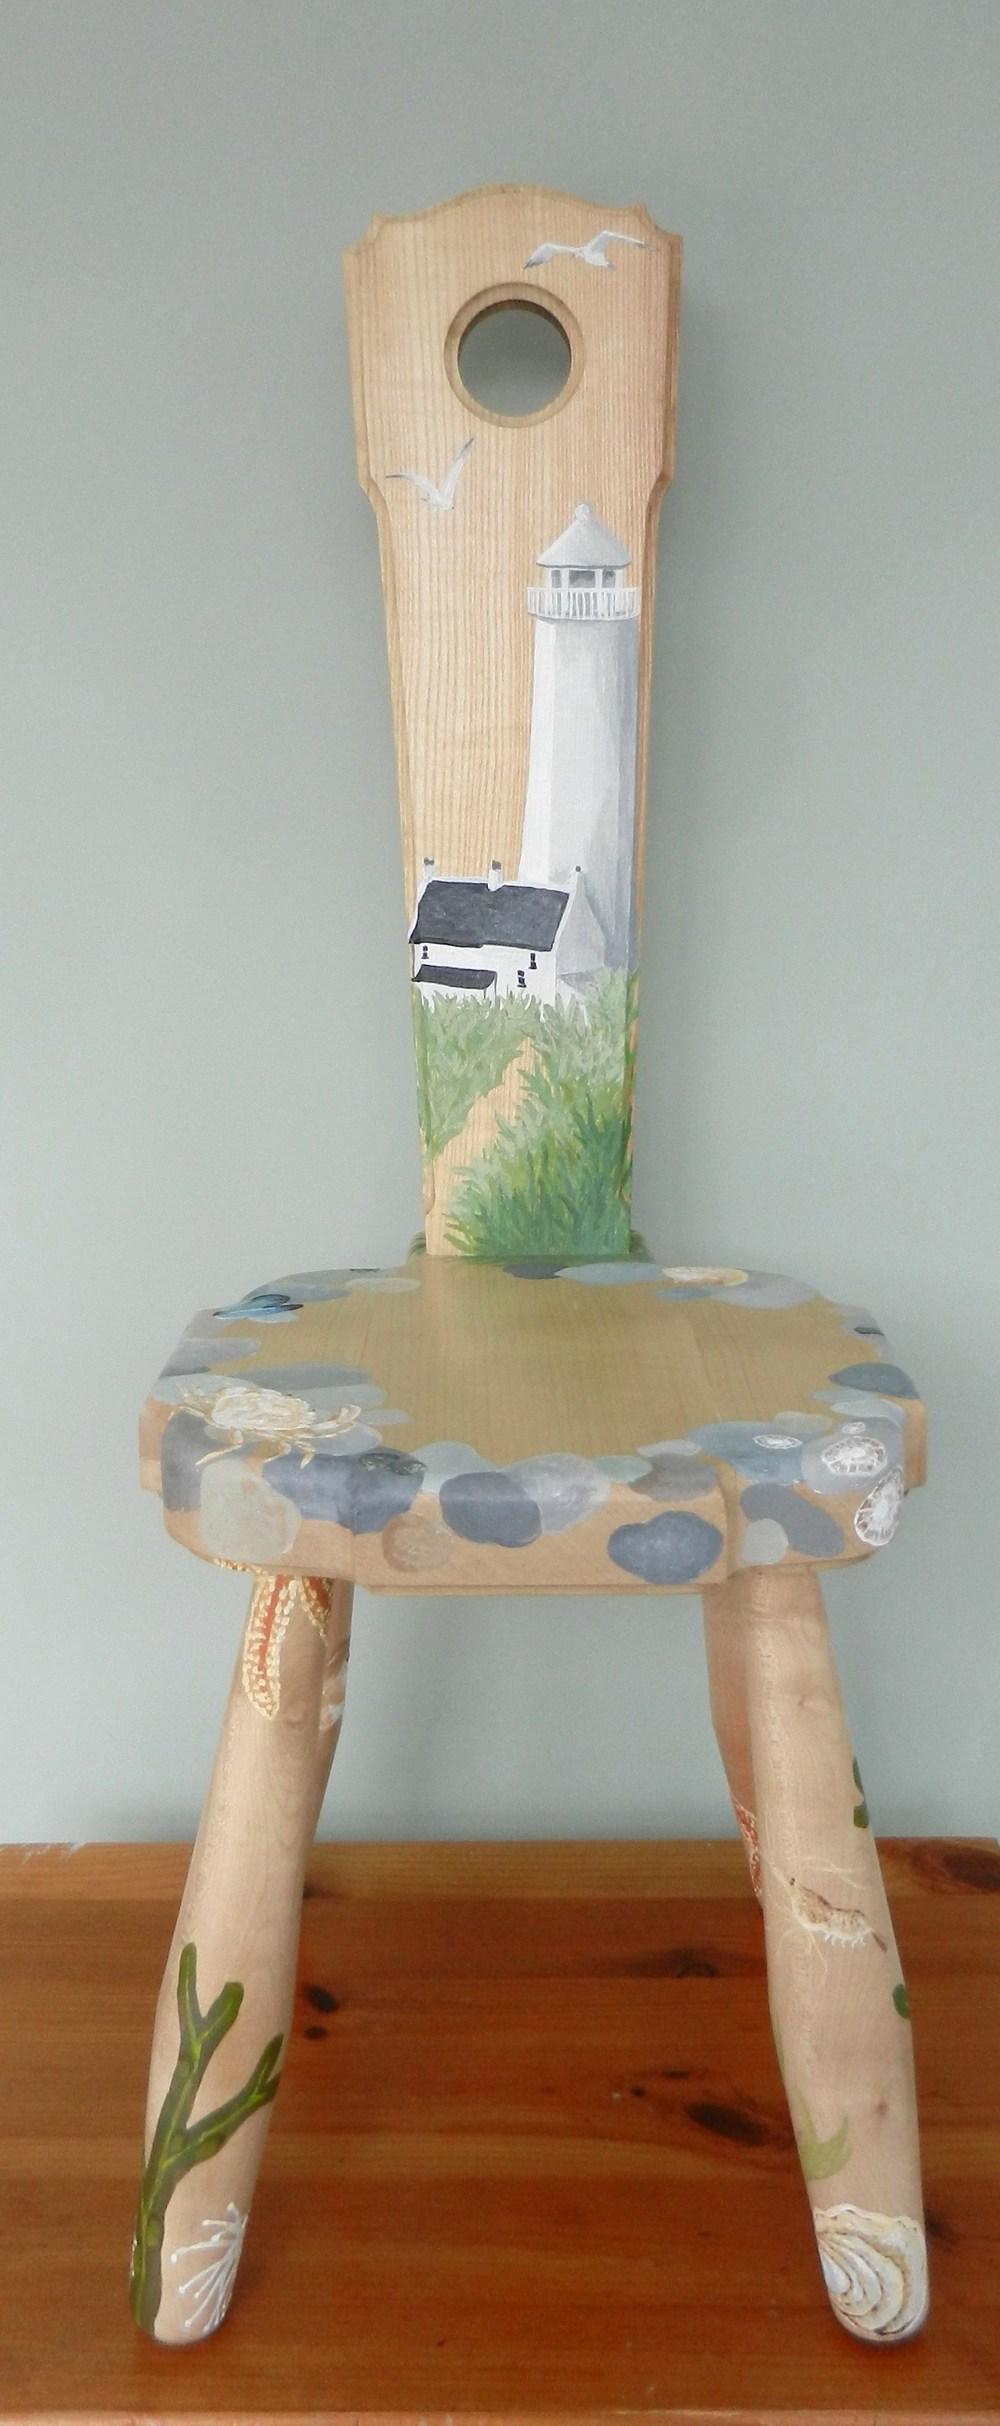 walney spinning stool 002.JPG